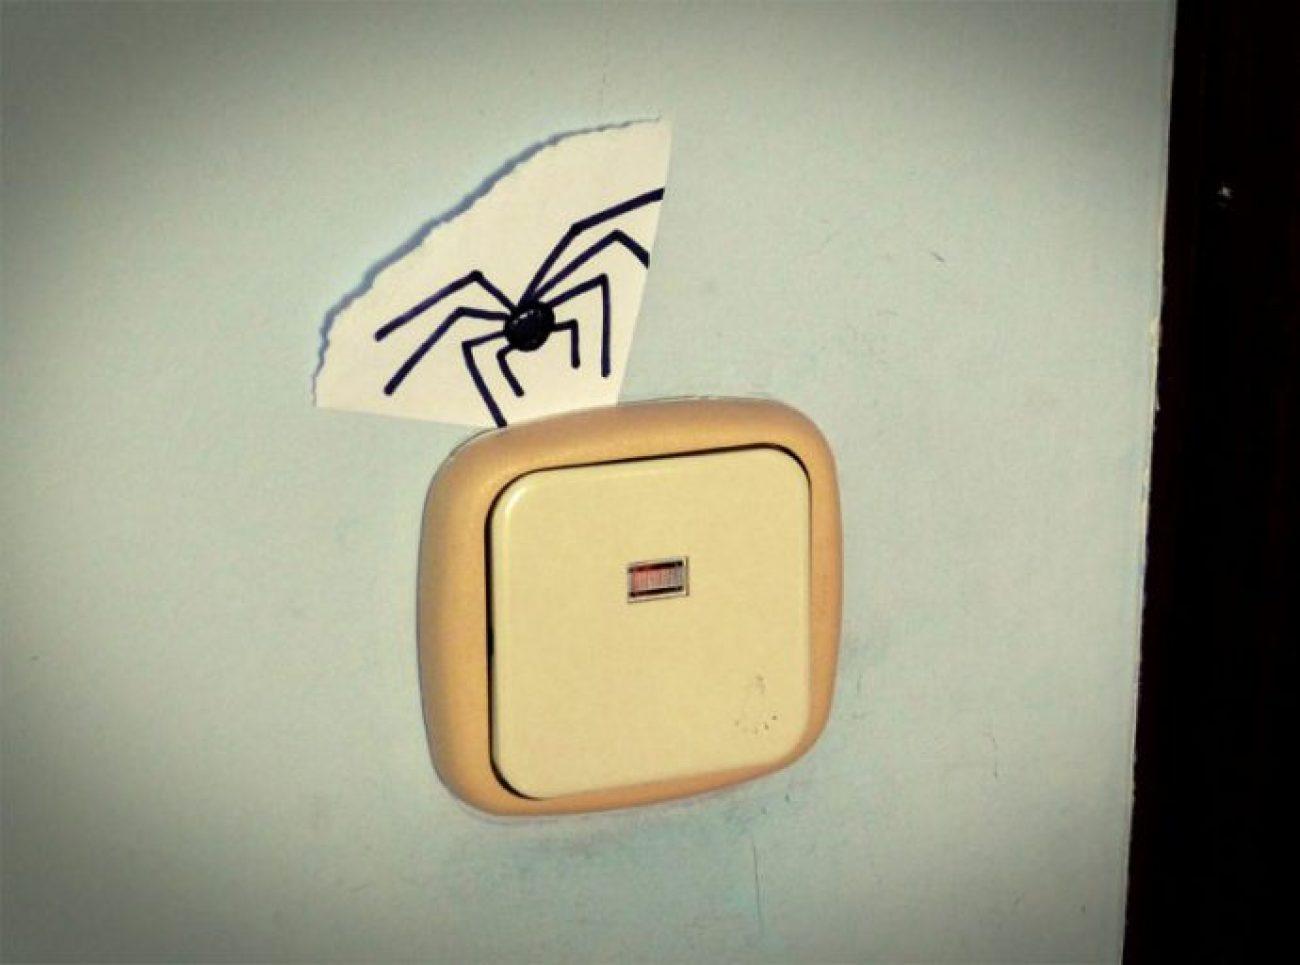 Cómo matar una araña sin derramar una sola gota de sangre (o lo que sea que segregan esos bichos)